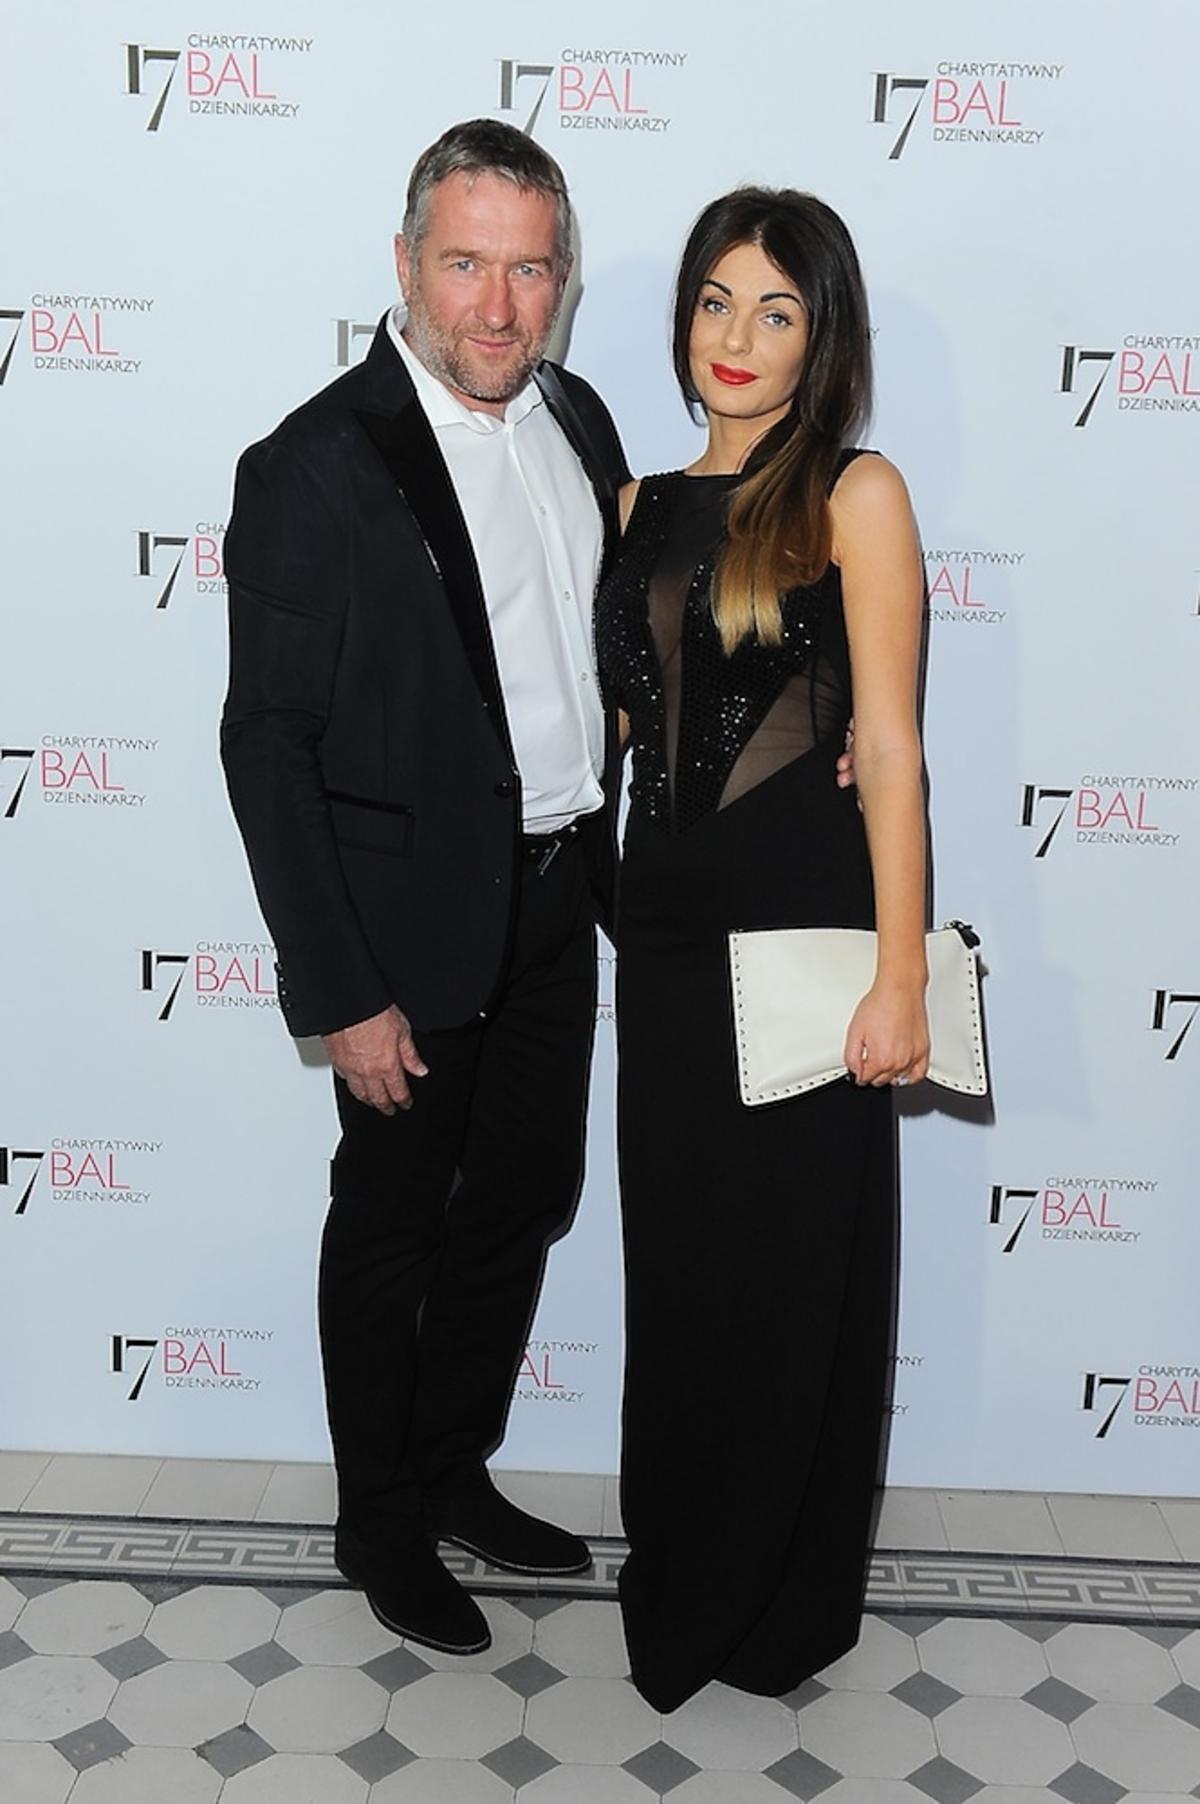 Rafał Sonik w czarnym garniturze i Karolina Solowow w czarnej sukience